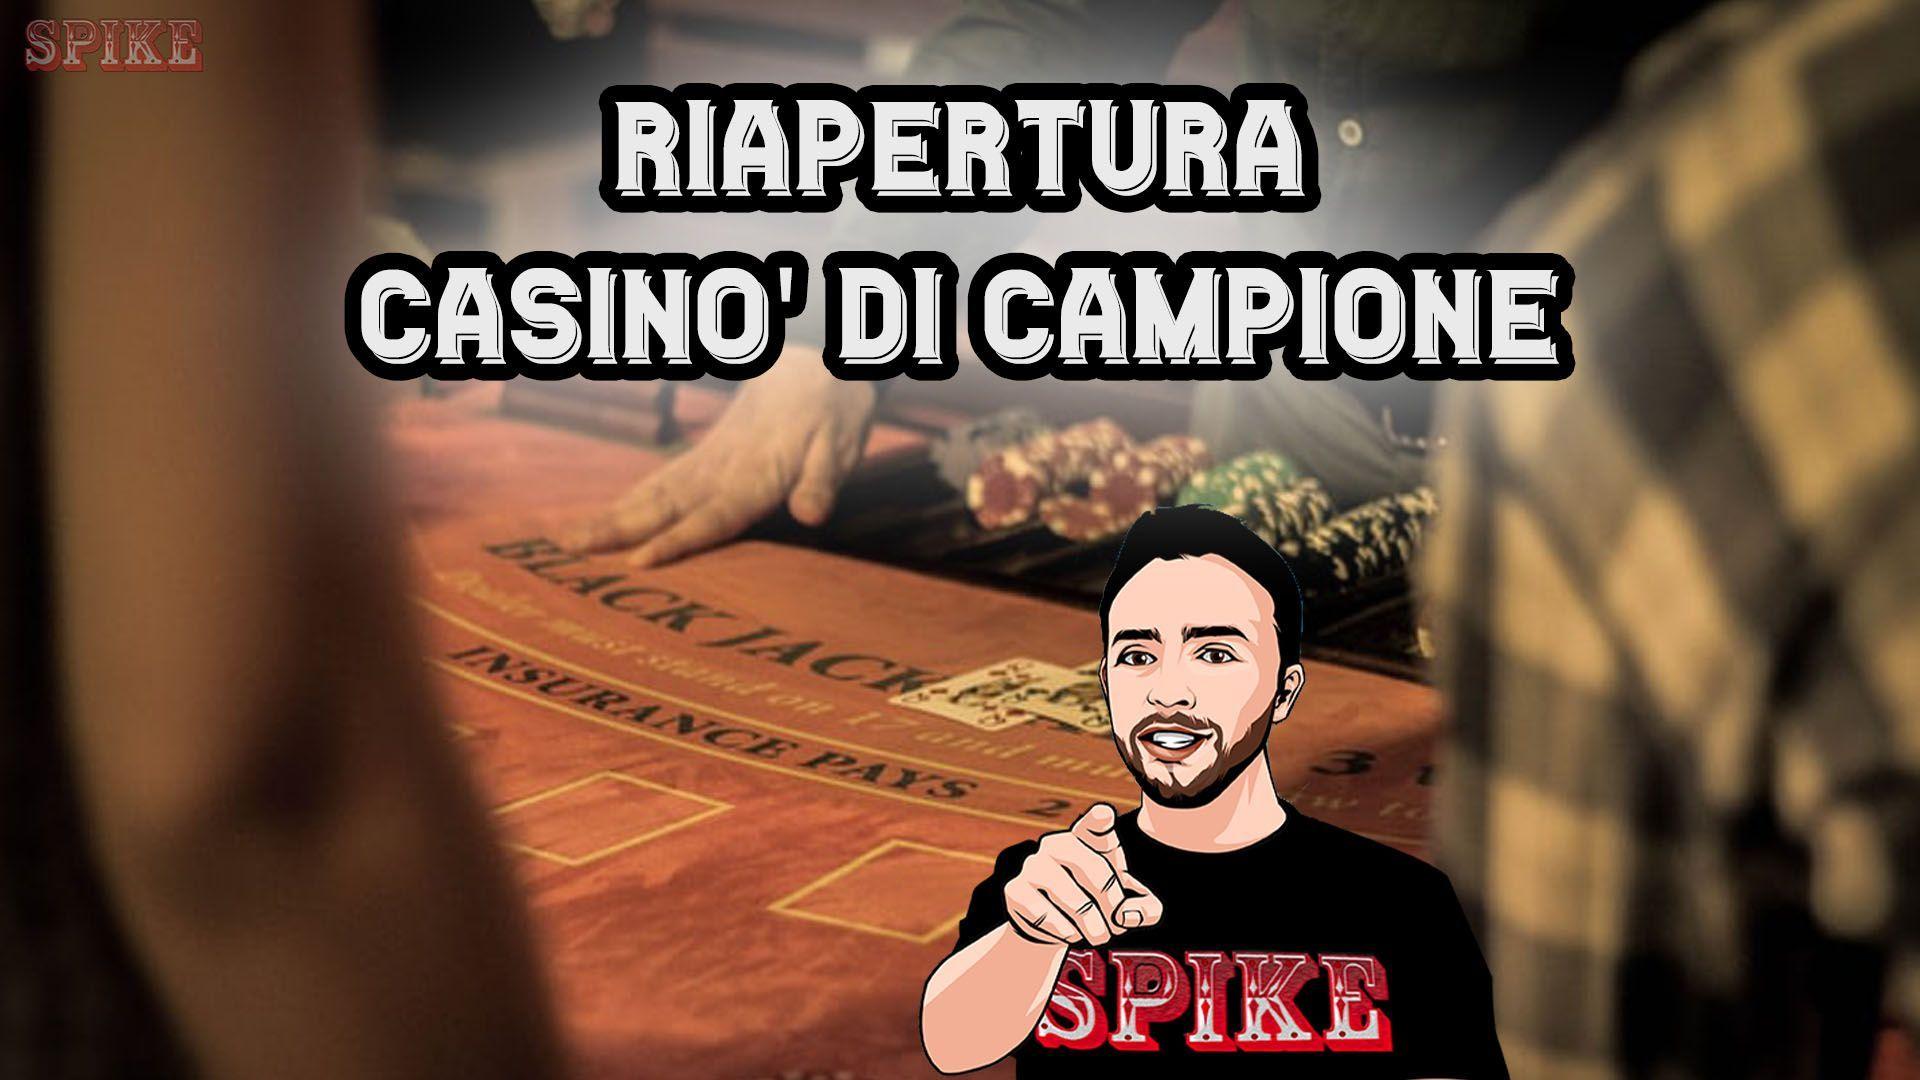 Riapertura Casinò Tradizione di Campione d'Italia